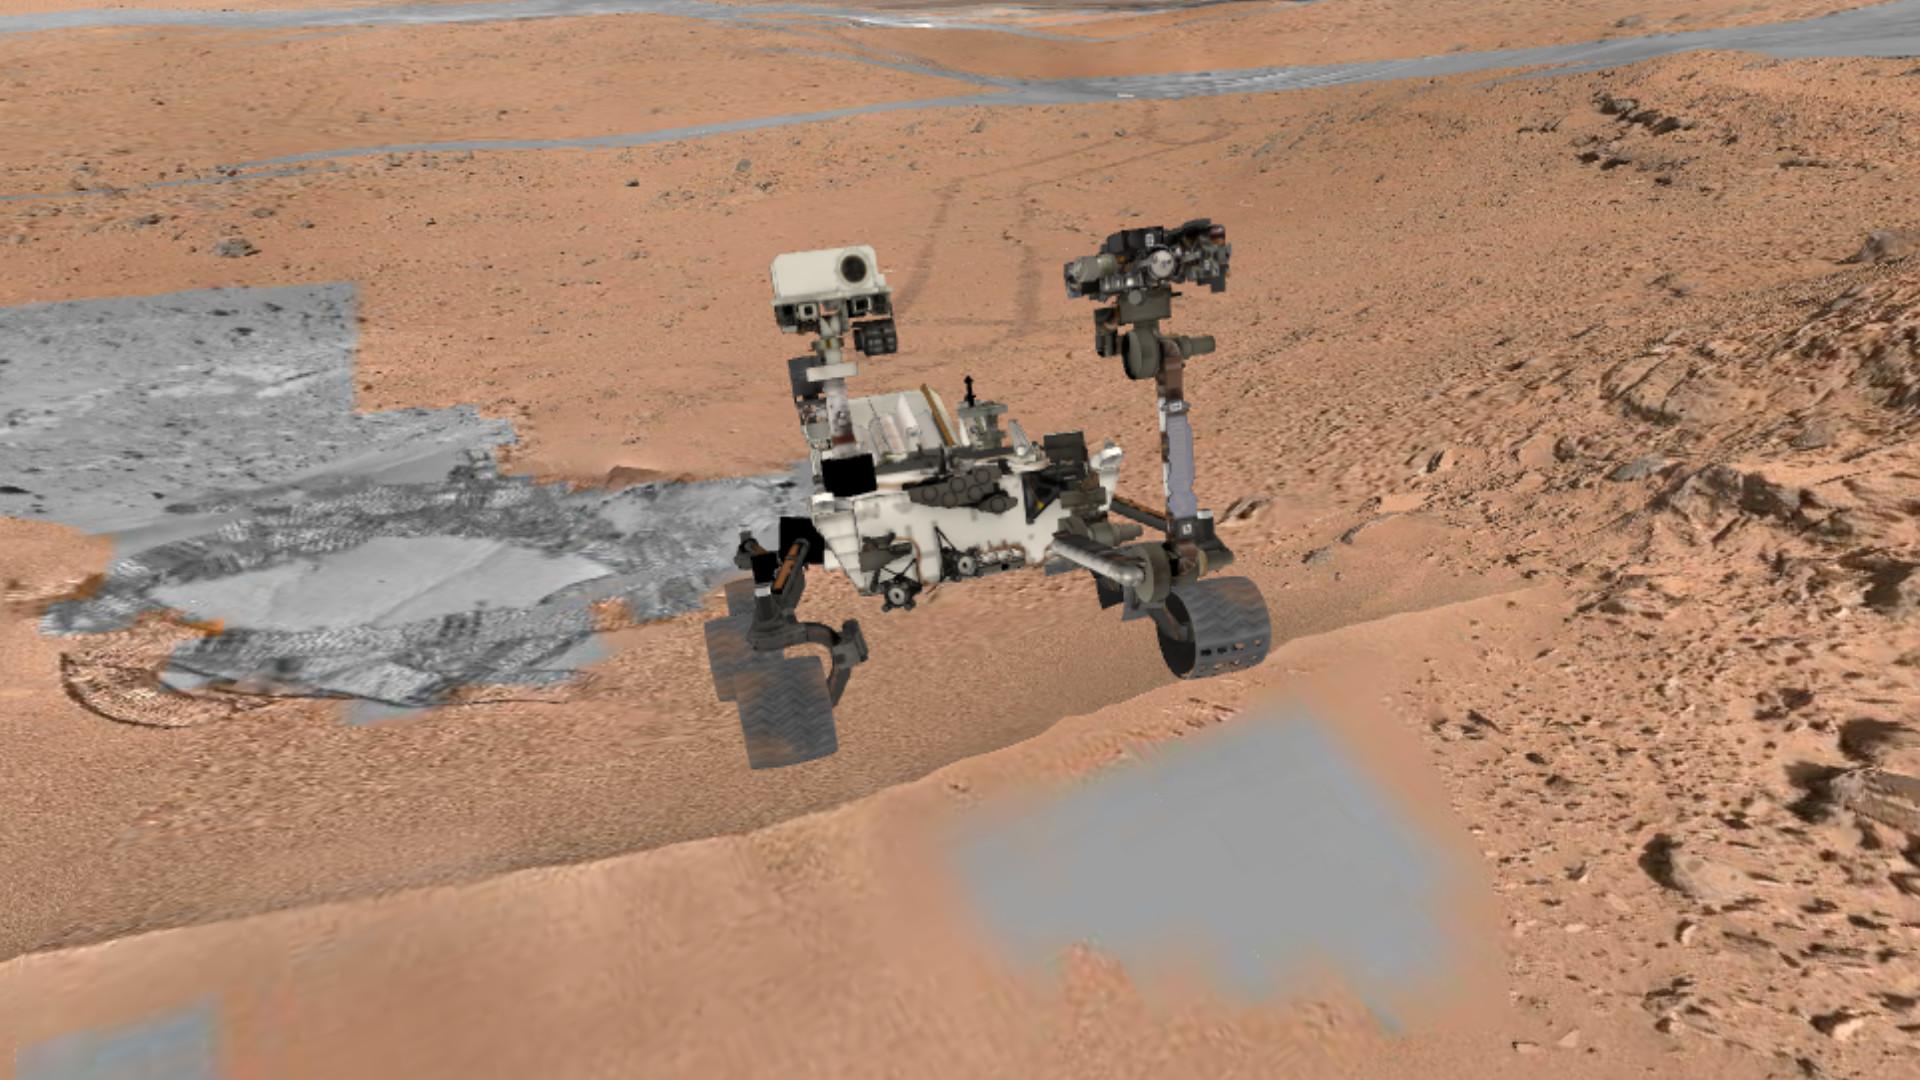 Explorez Mars en 3D avec Curiosity (presque) comme si vous y étiez